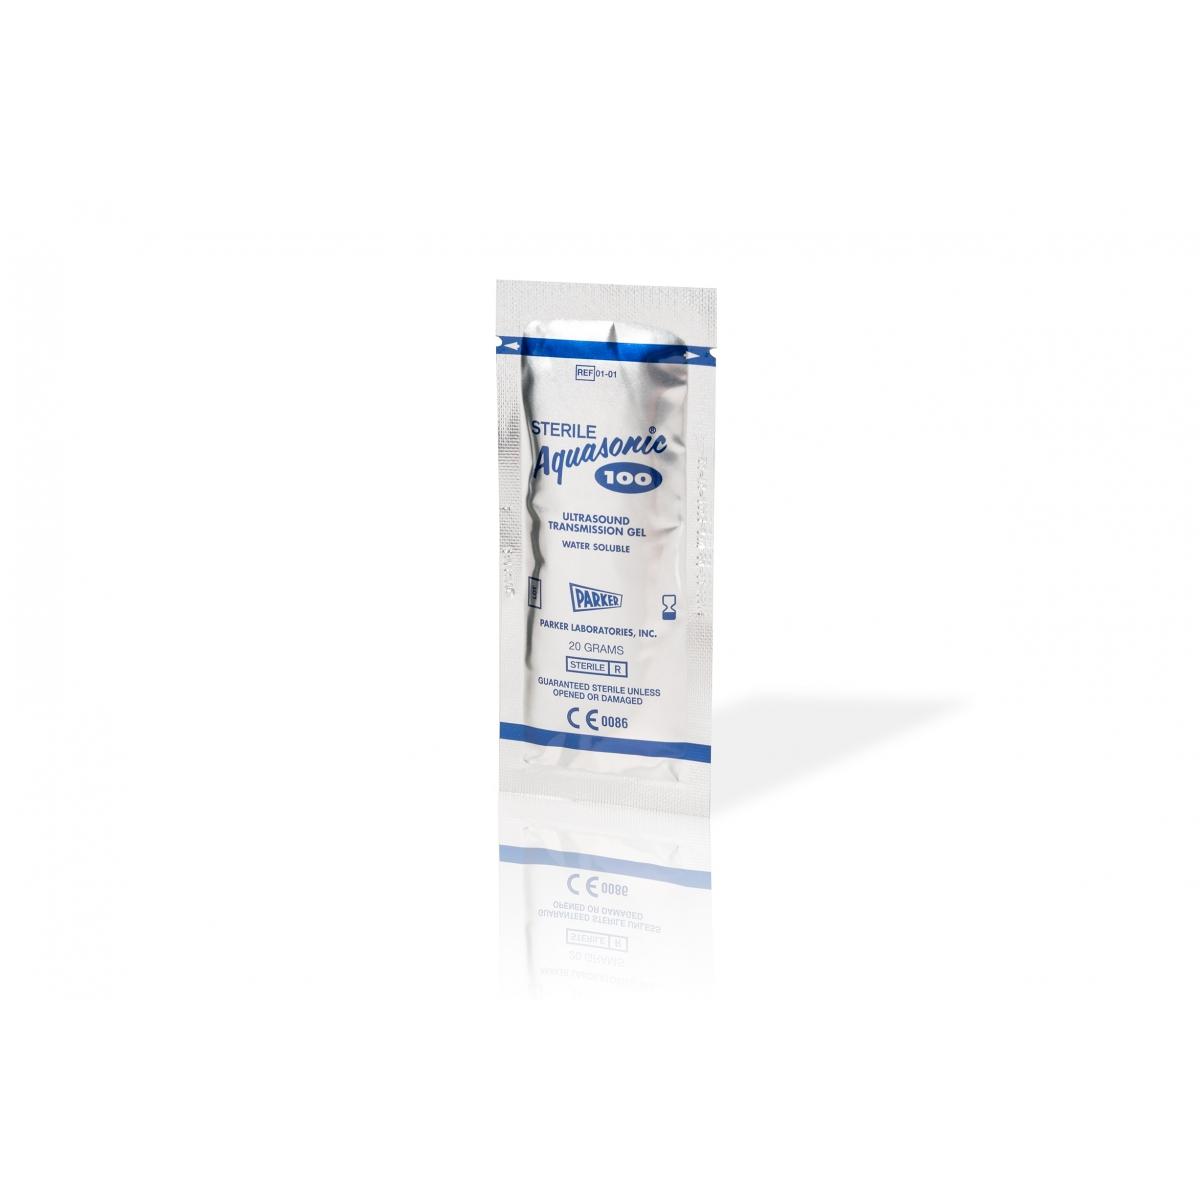 USAGE UNIQUE - NO NAME - GEL STERILE DRY NEEDLING PARKER (20 g)